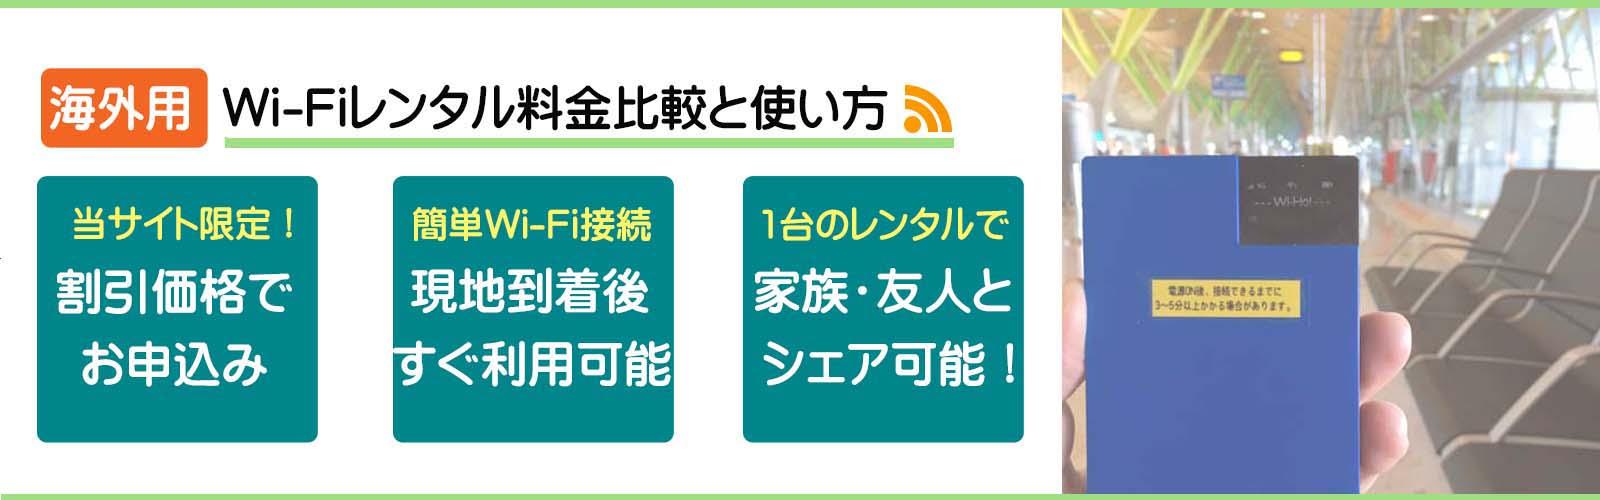 海外WiFiルーターレンタル厳選6ブランド最安値料金比較表